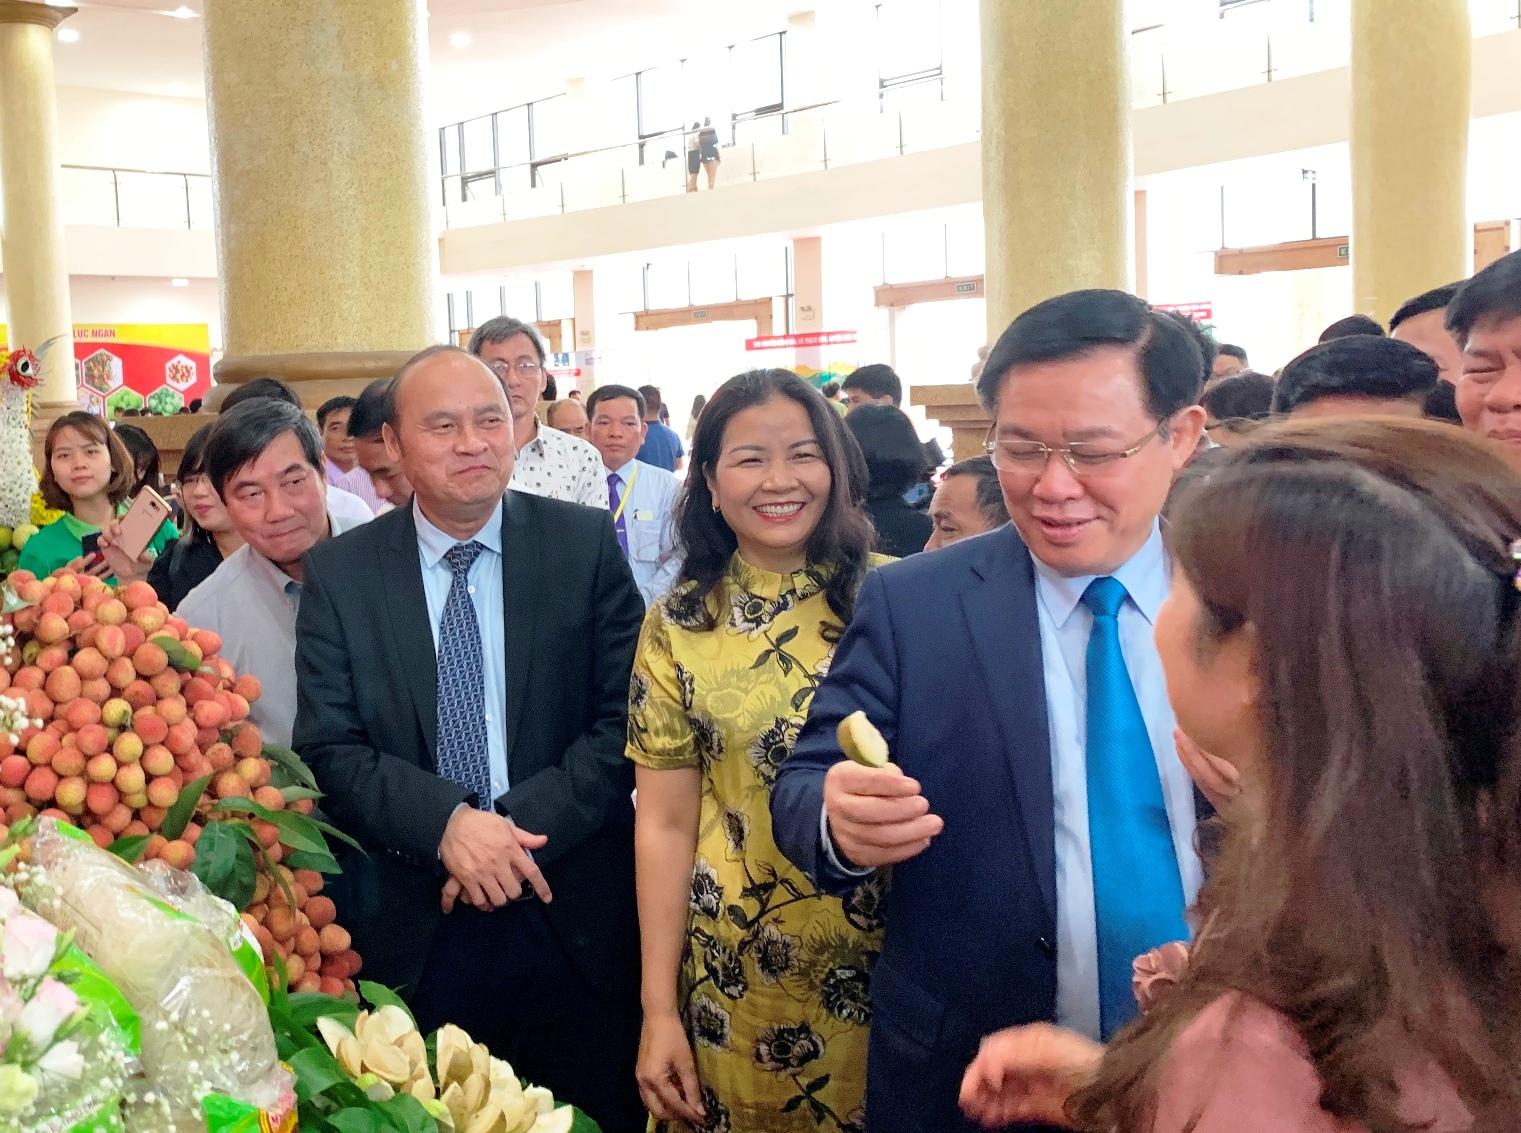 Vải thiều Bắc Giang năm nay thơm ngon hơn năm 2018